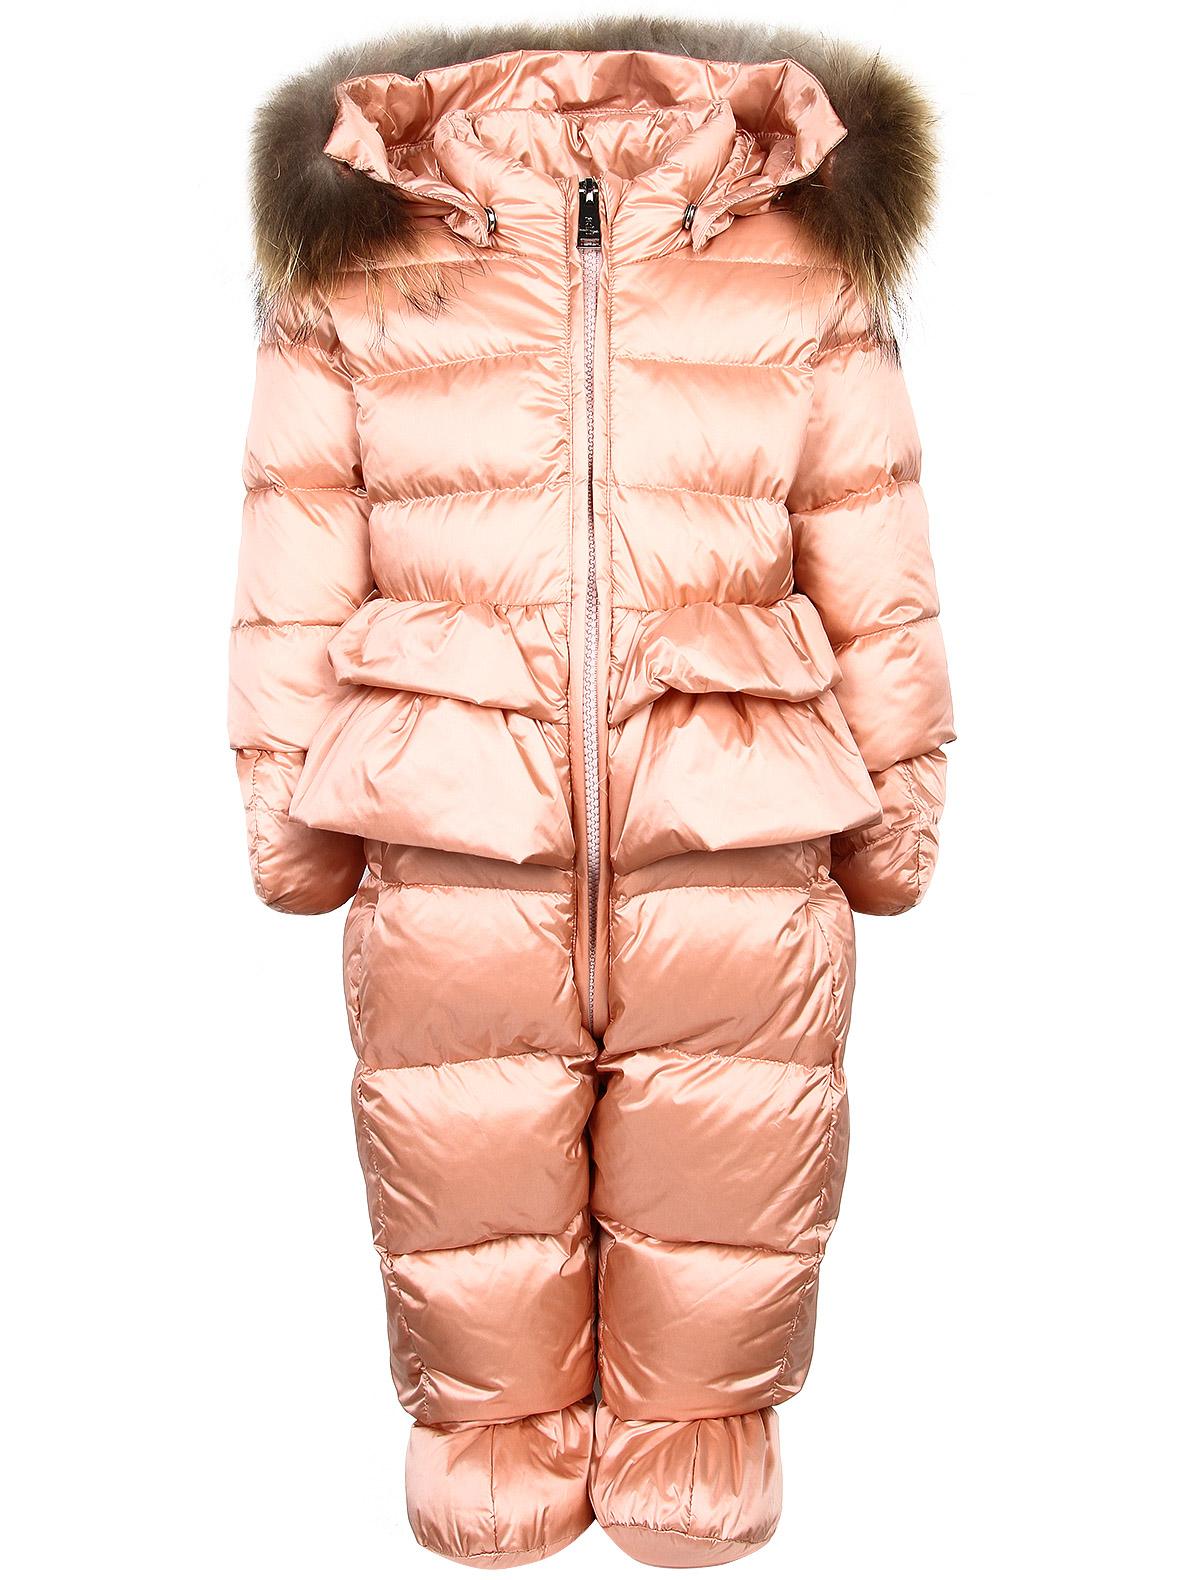 Купить 1911668, Комбинезон утепленный ADD, розовый, Женский, 1592609780067